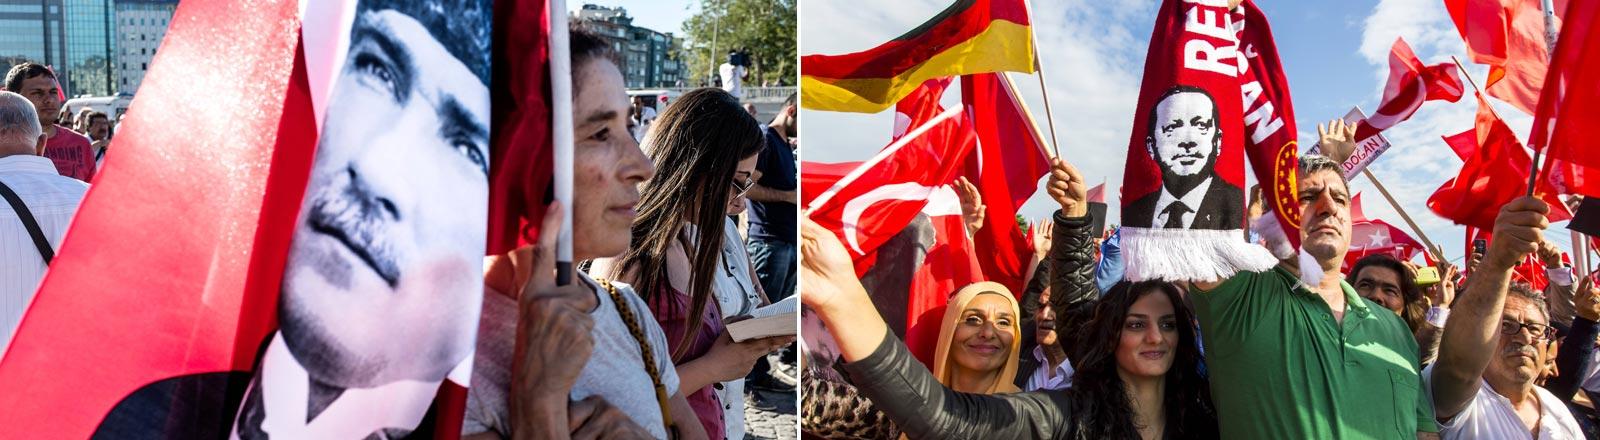 Menschen bei Demonstrationen mit einer Fahne von Kemal Atatürk und einem Fanschal von Recep Tayyip Erdogan